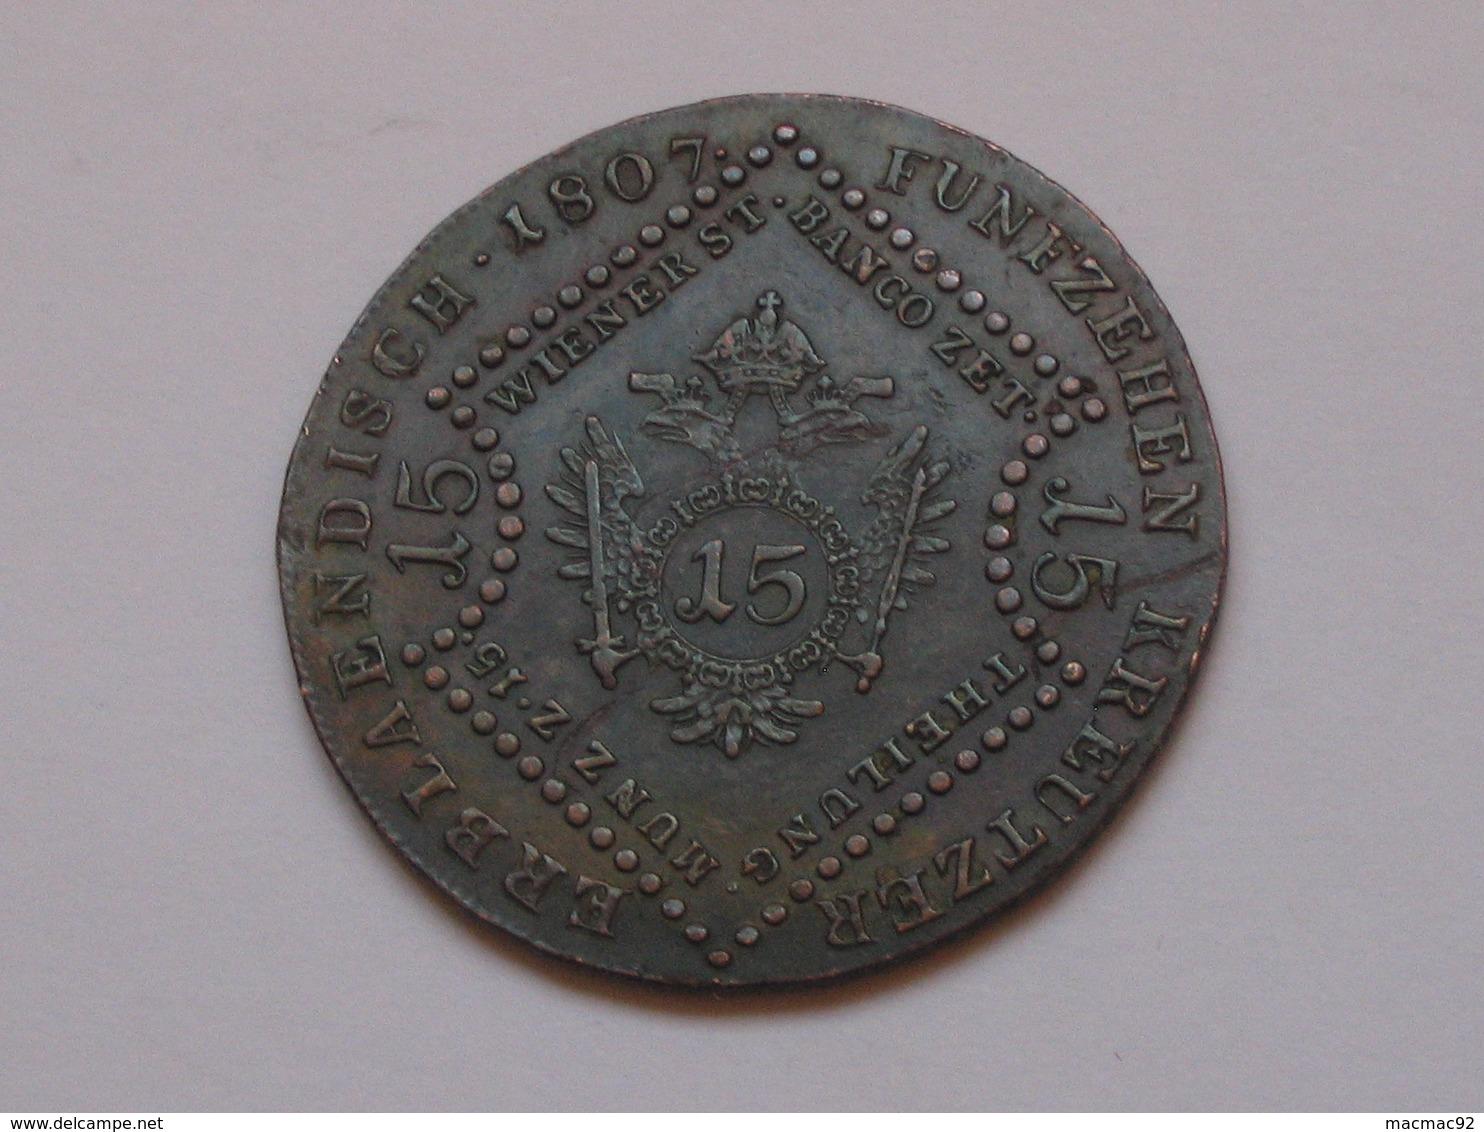 AUTRICHE - AUSTRIA  15 Kreuzer 1807 S - Franz Kais V Oest Kohen  **** EN ACHAT IMMEDIAT **** - Autriche